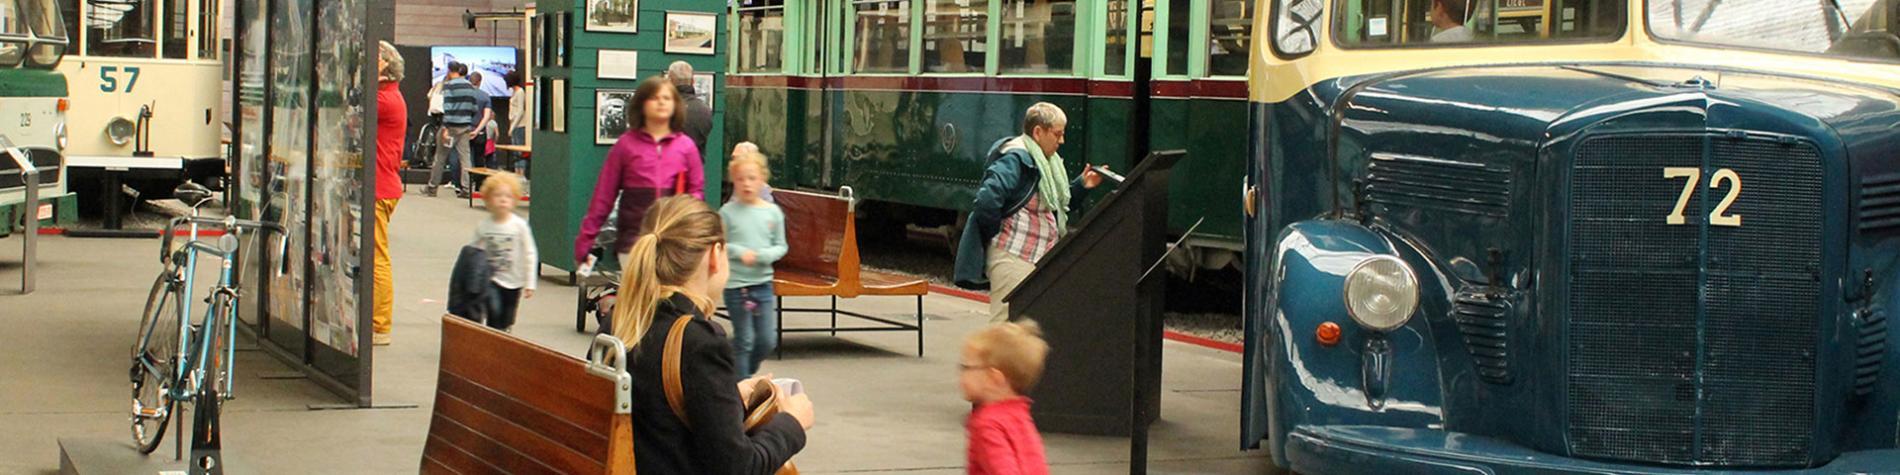 musée - Transports en commun - Wallonie